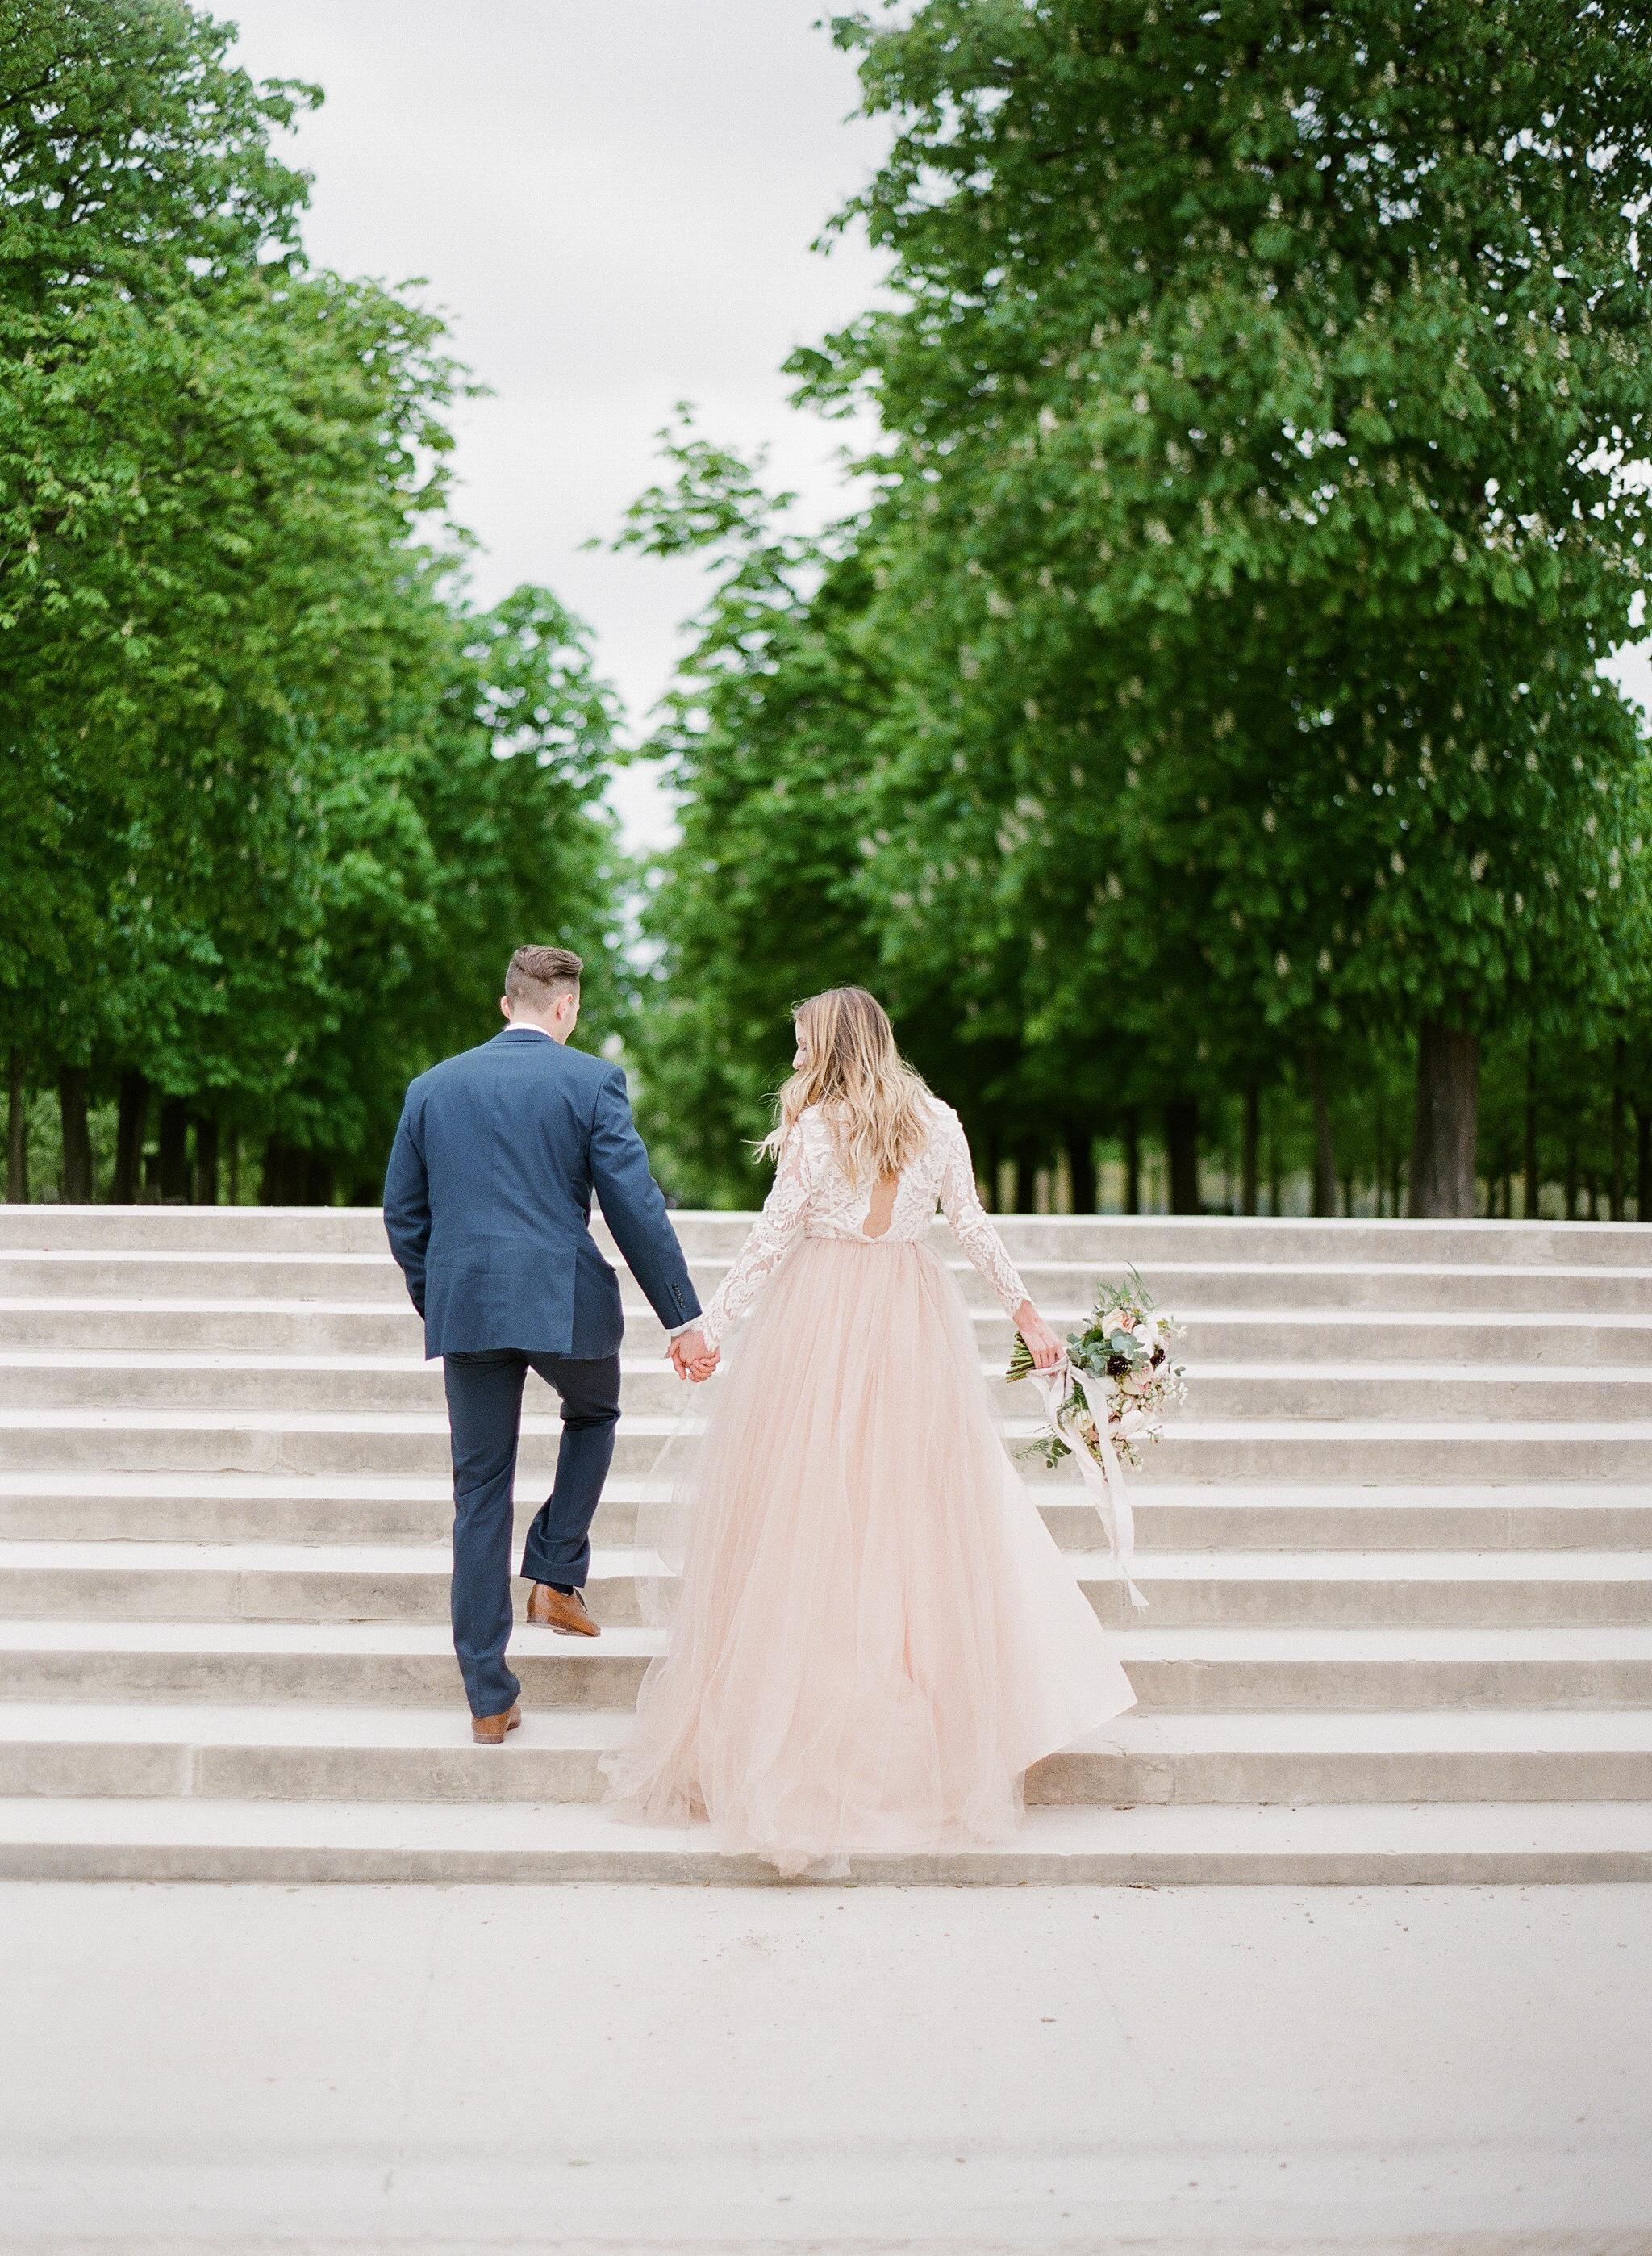 Amanda + Cole, Paris Styled Photoshoot